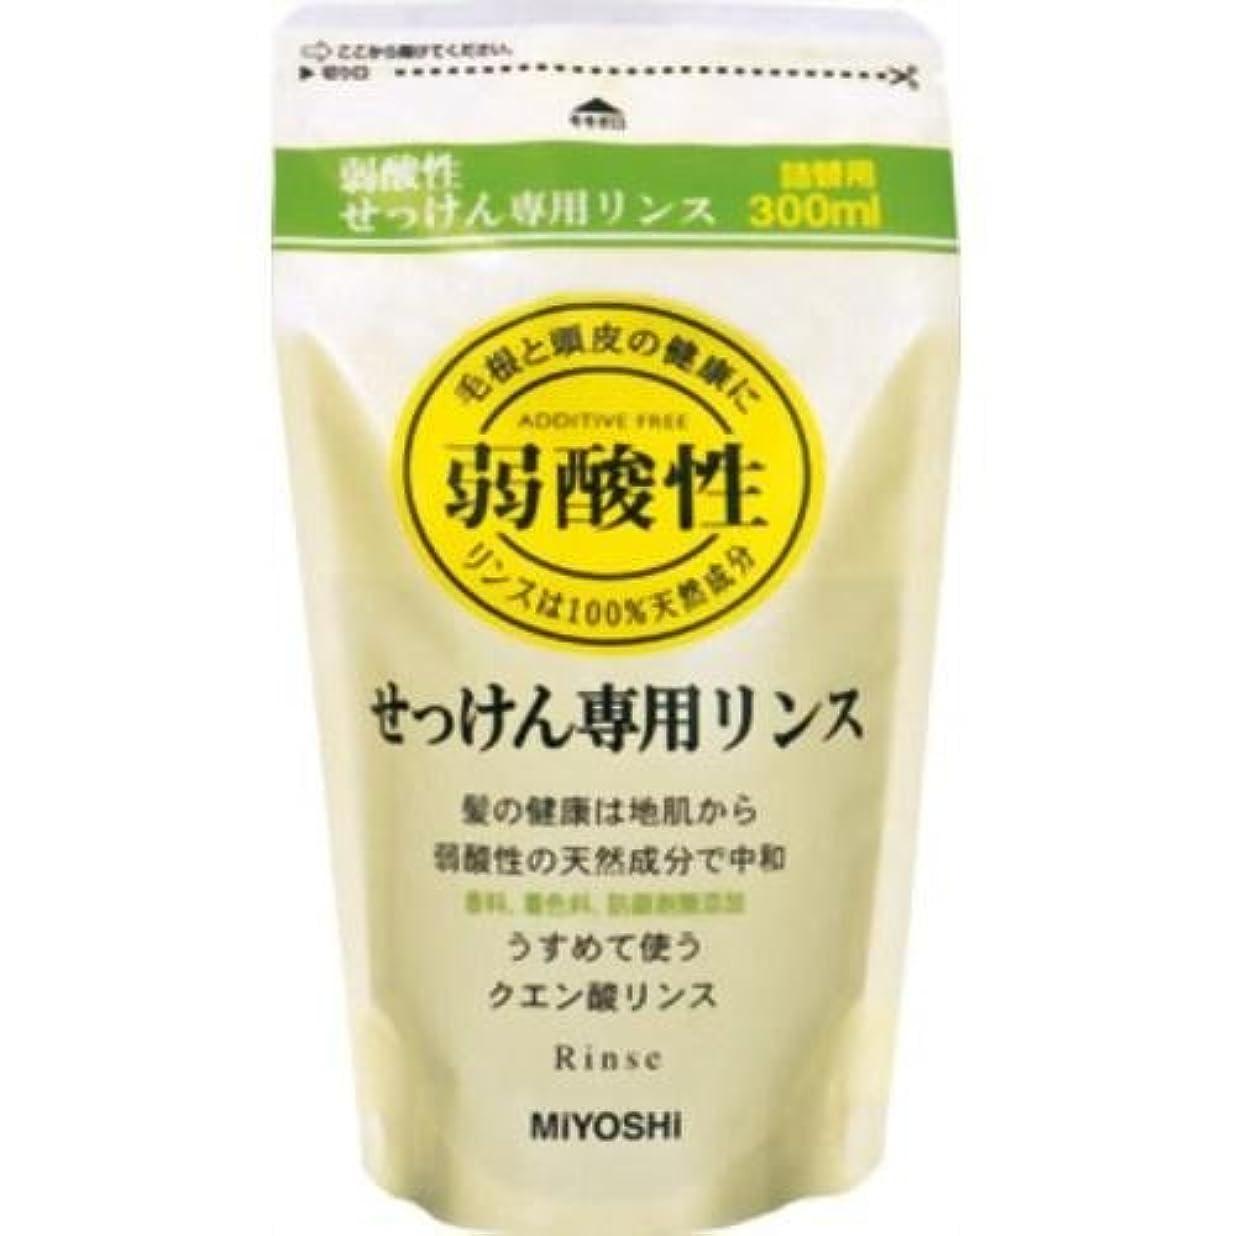 ミヨシ石鹸  無添加 せっけんシャンプー専用リンス つめかえ用 300ml×20点セット (石鹸シャンプー用リンス)